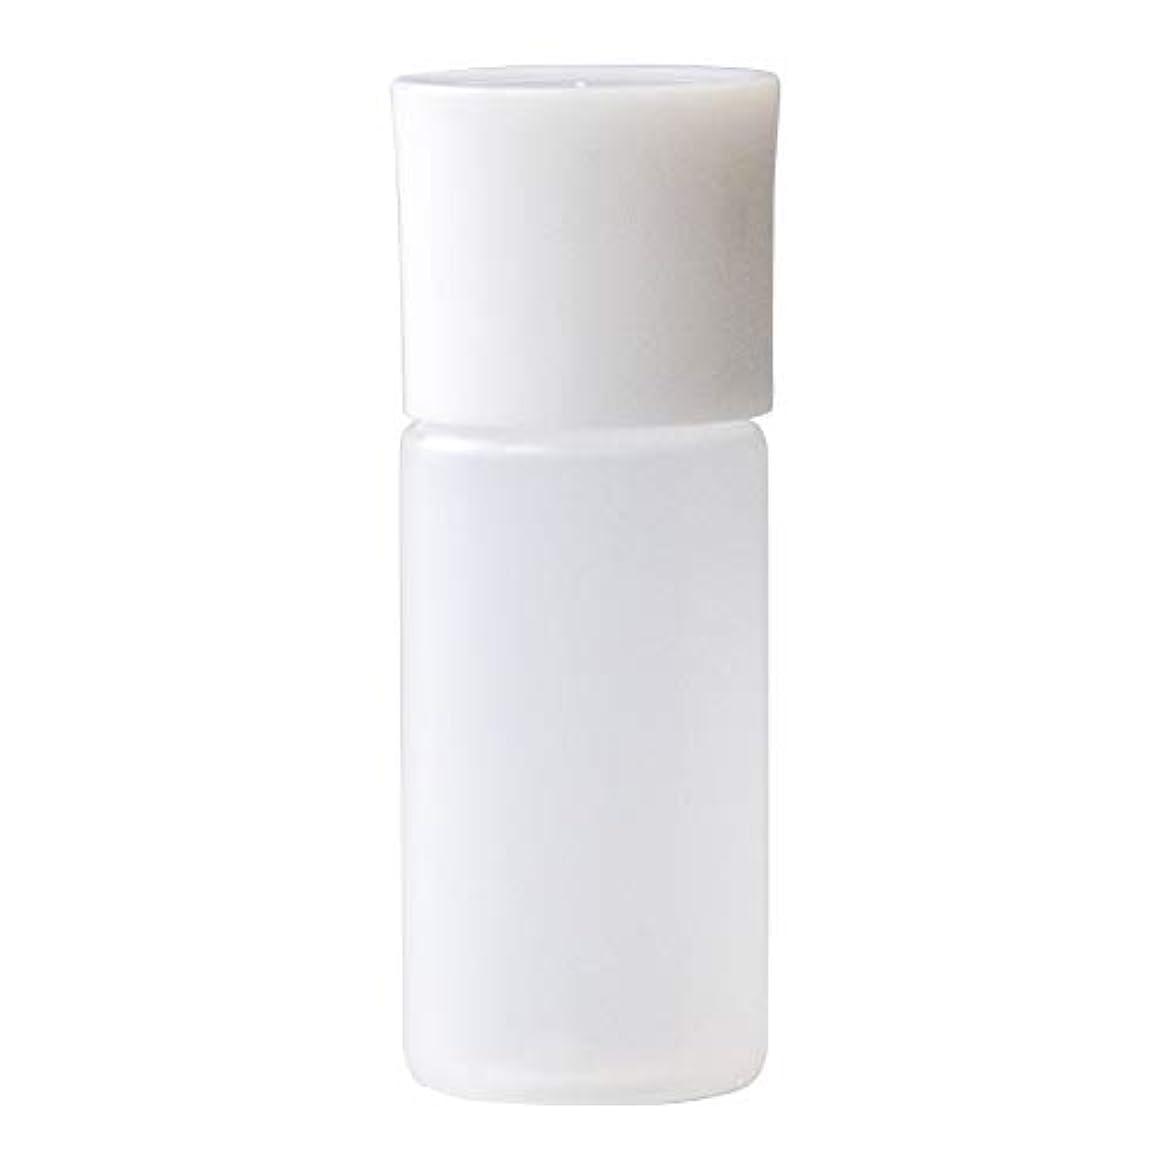 お願いします重要な役割を果たす、中心的な手段となる労働穴あき中栓付きミニボトル 5ml 500本セット